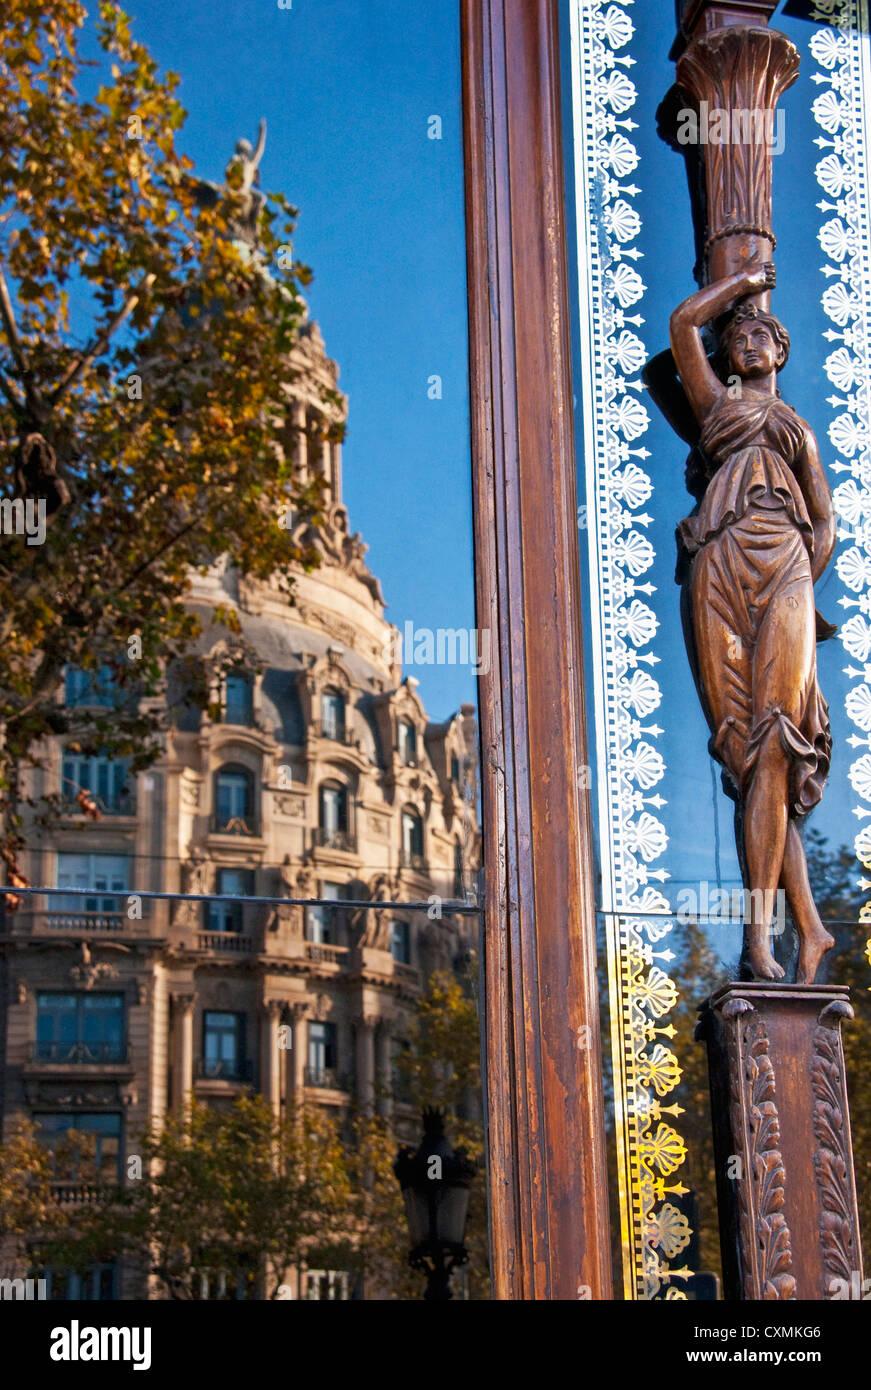 Architektur Barcelonas Passeig de Gracia reflektieren im Fenster Stockbild